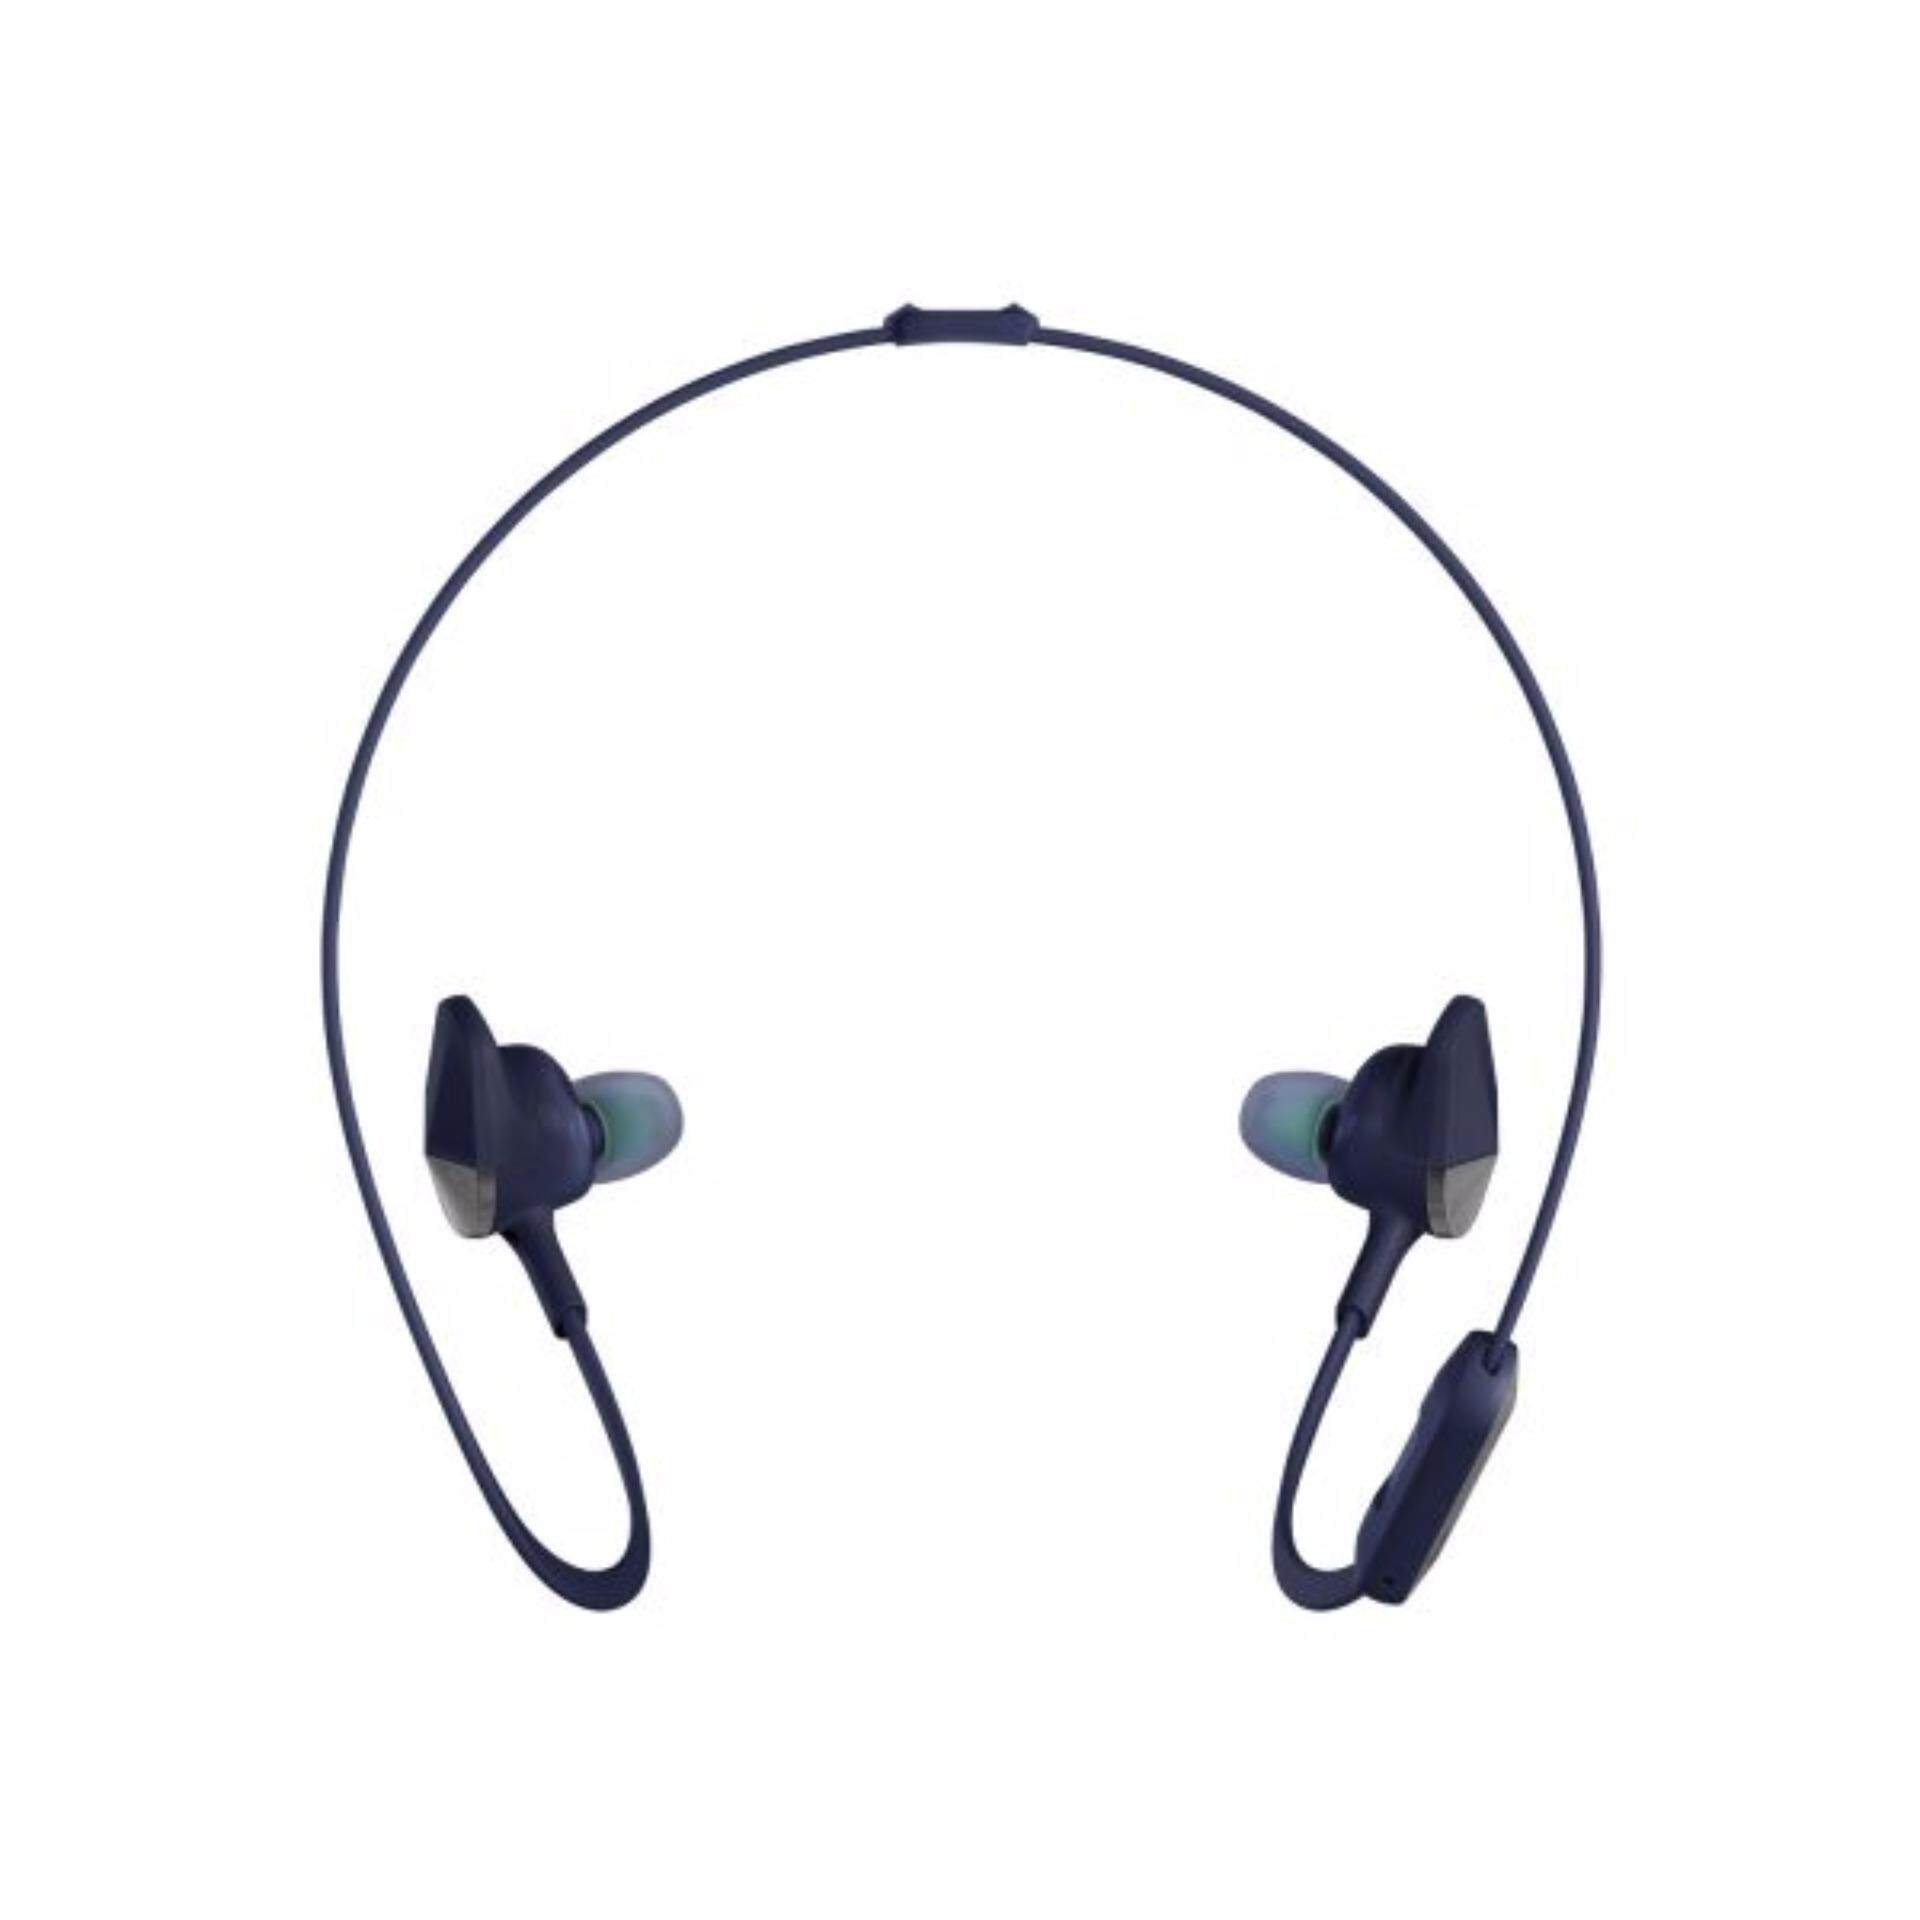 ขาย Fitbit Flyer Wireless Fitness Headphones Nightfall Blue ถูก กรุงเทพมหานคร